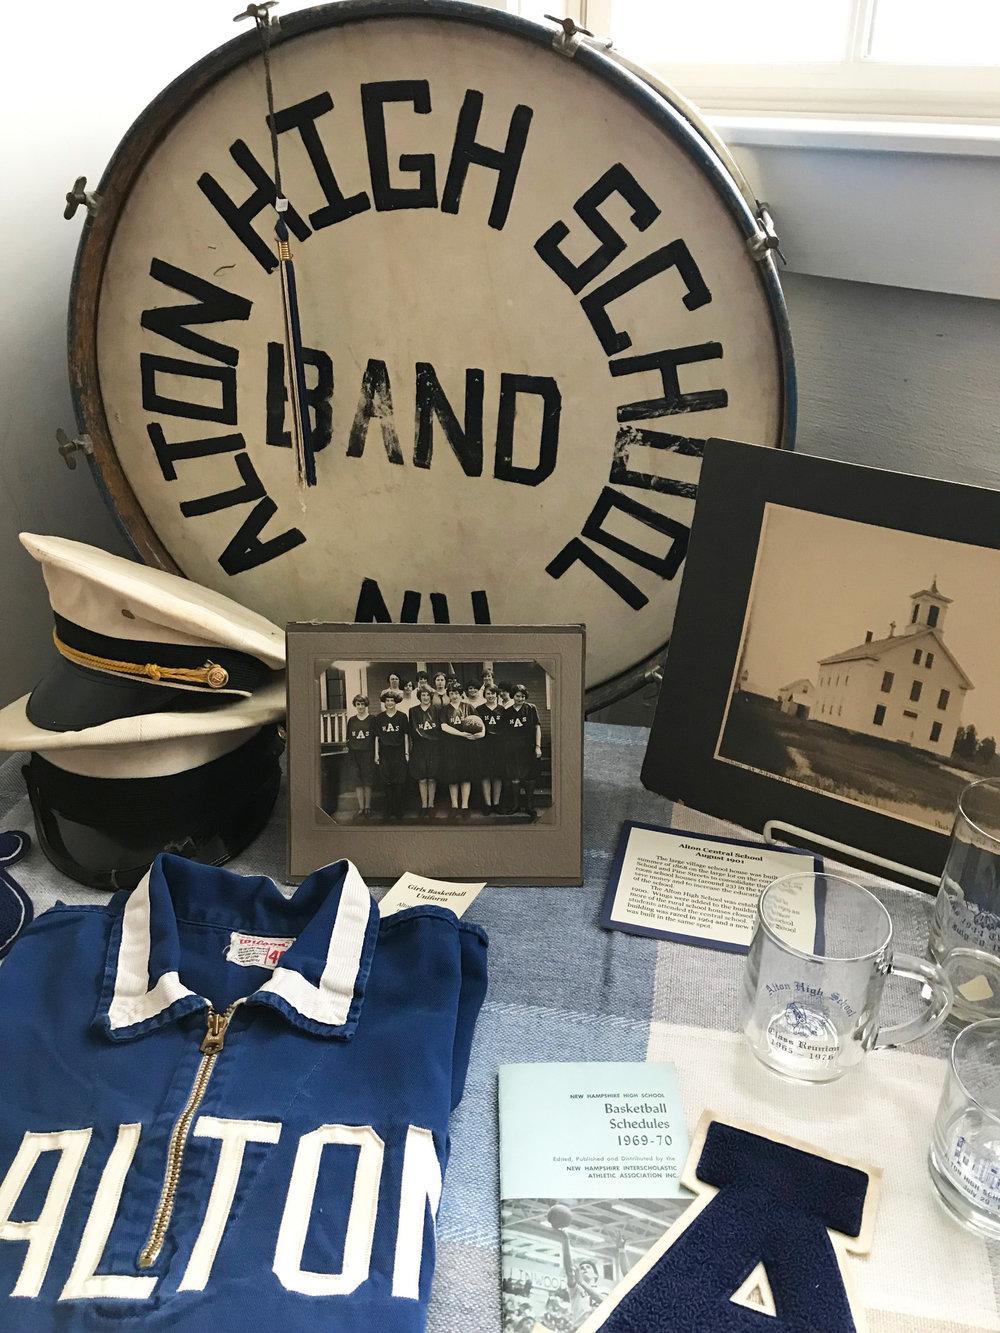 Alton school memorabilia.